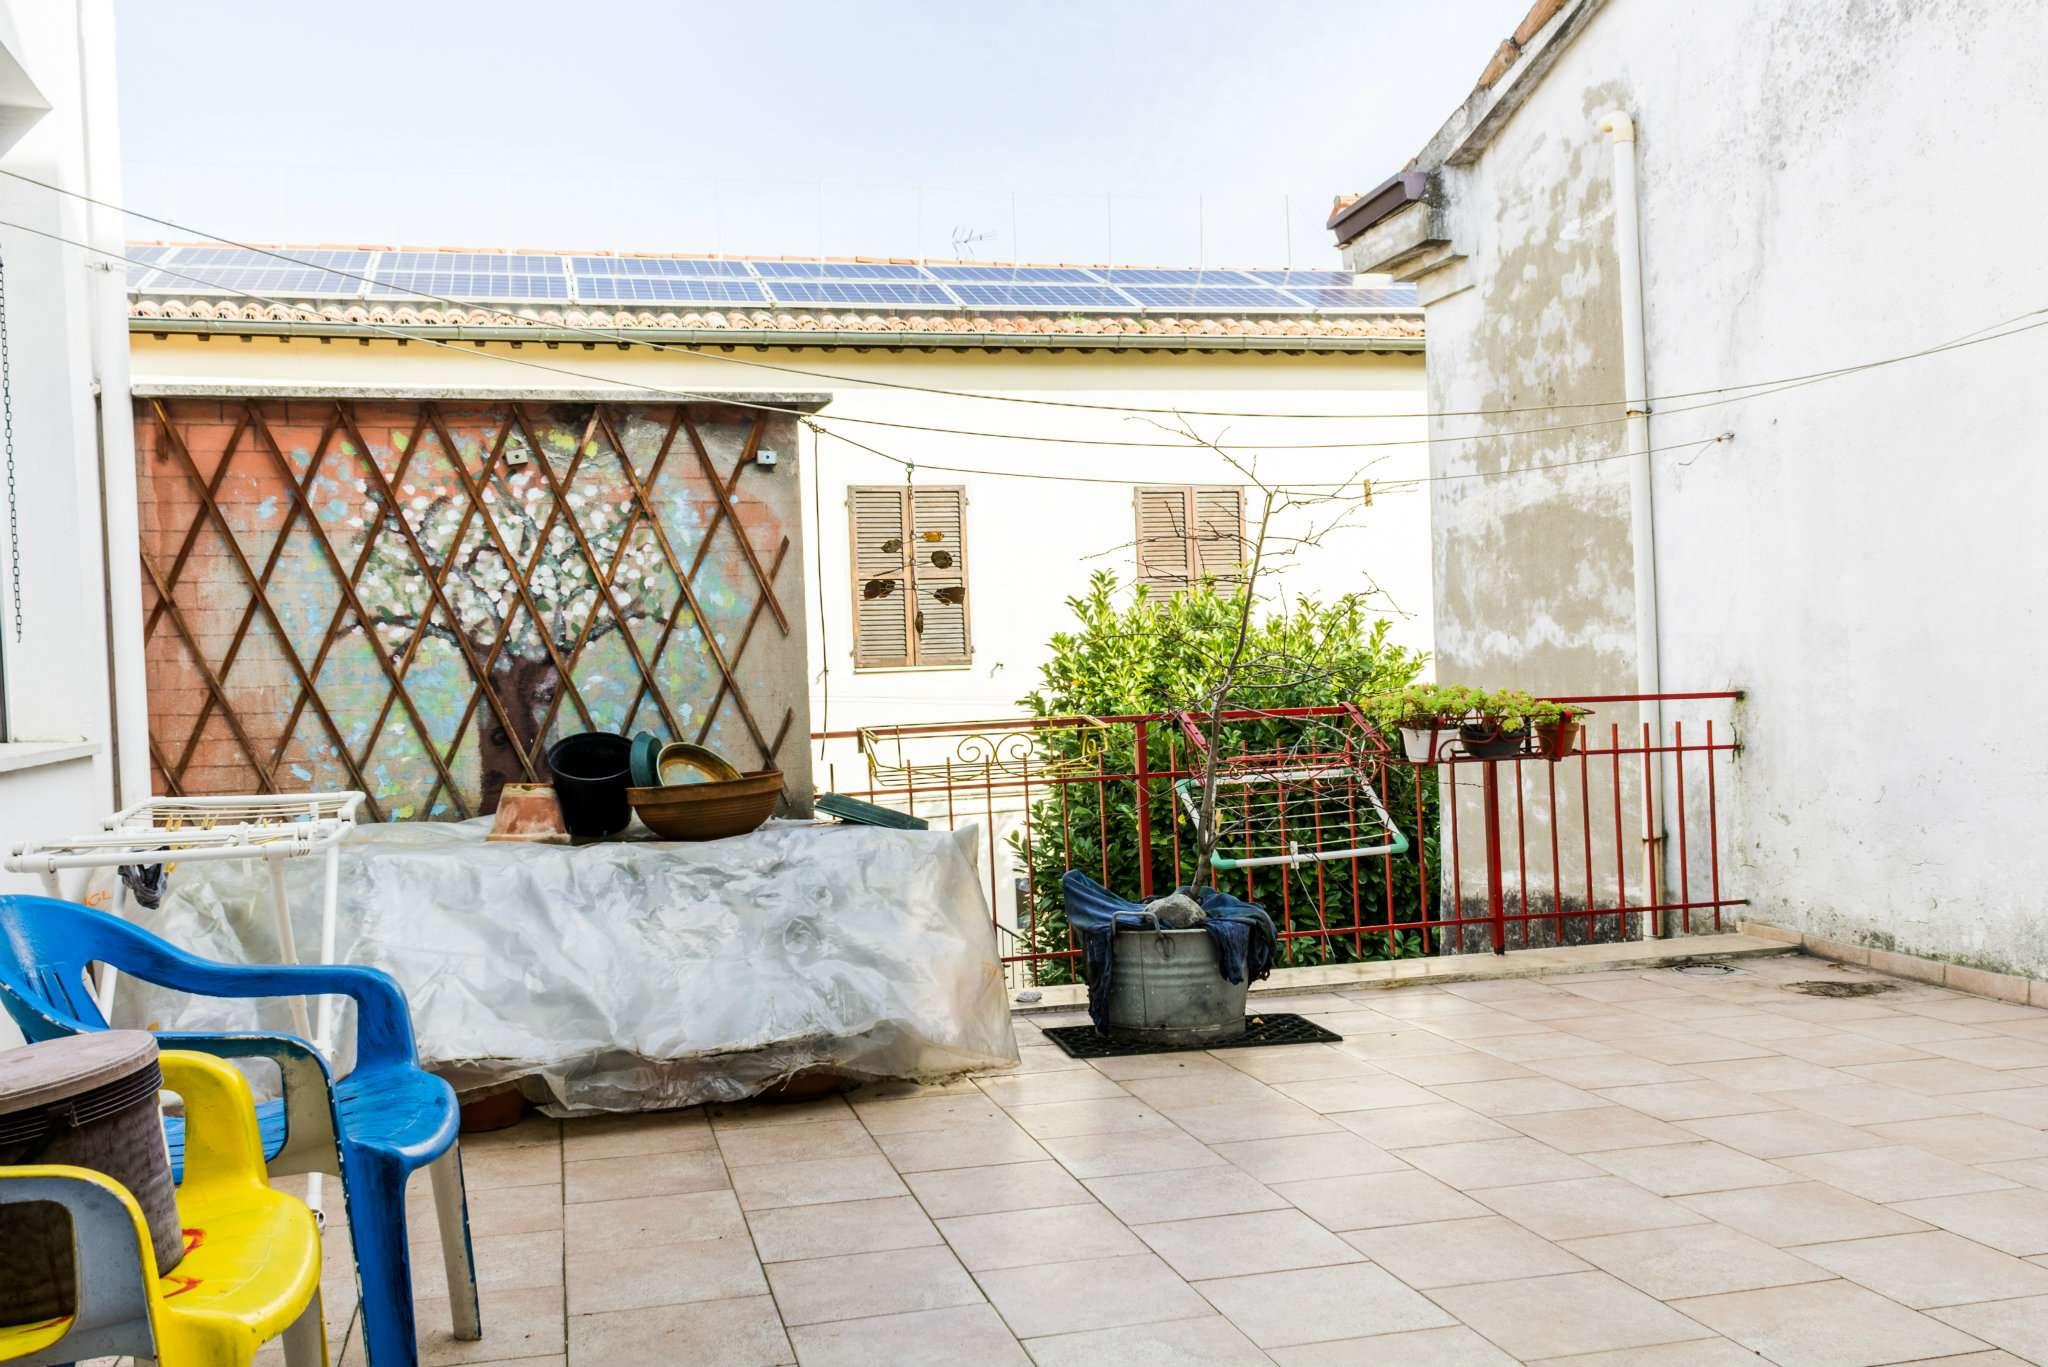 Palazzo / Stabile in vendita a Forlimpopoli, 5 locali, prezzo € 180.000 | Cambio Casa.it